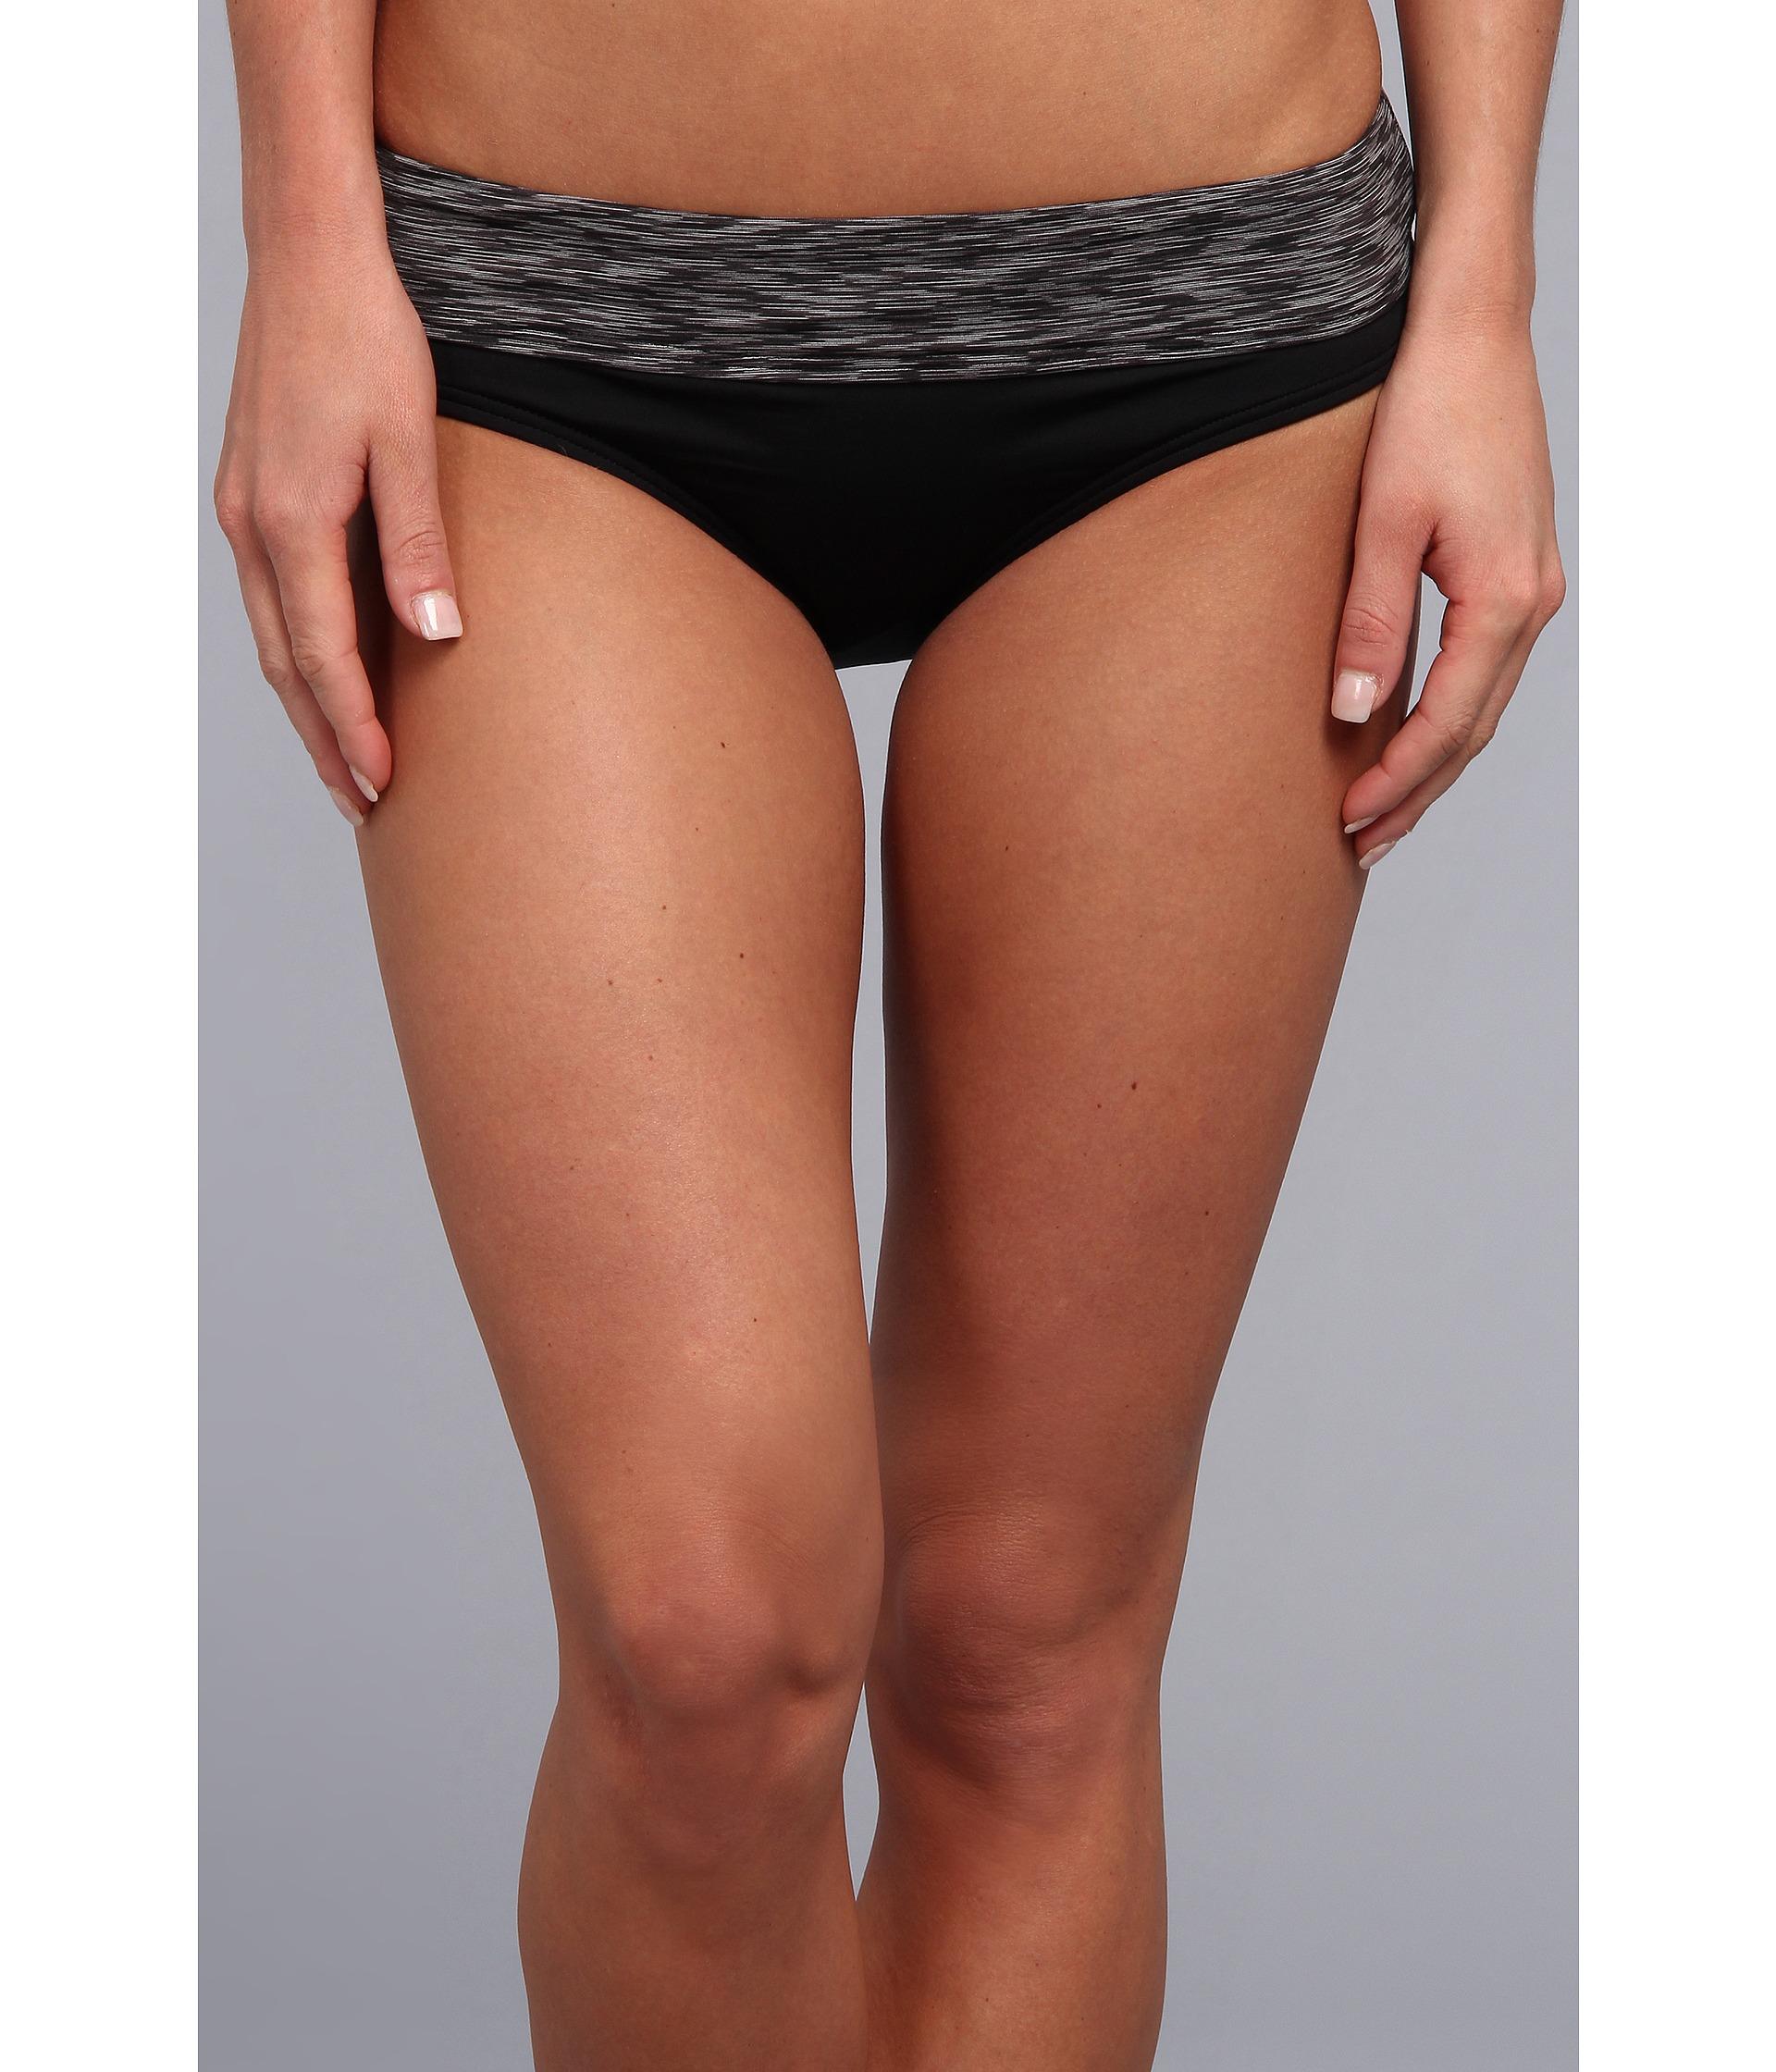 CALIA Women's Wide Banded Printed Bikini Bottoms $ - $35 CALIA by Carrie Underwood Women's Wide Banded Printed Bikini Bottoms is rated out of 5 by /5(8).